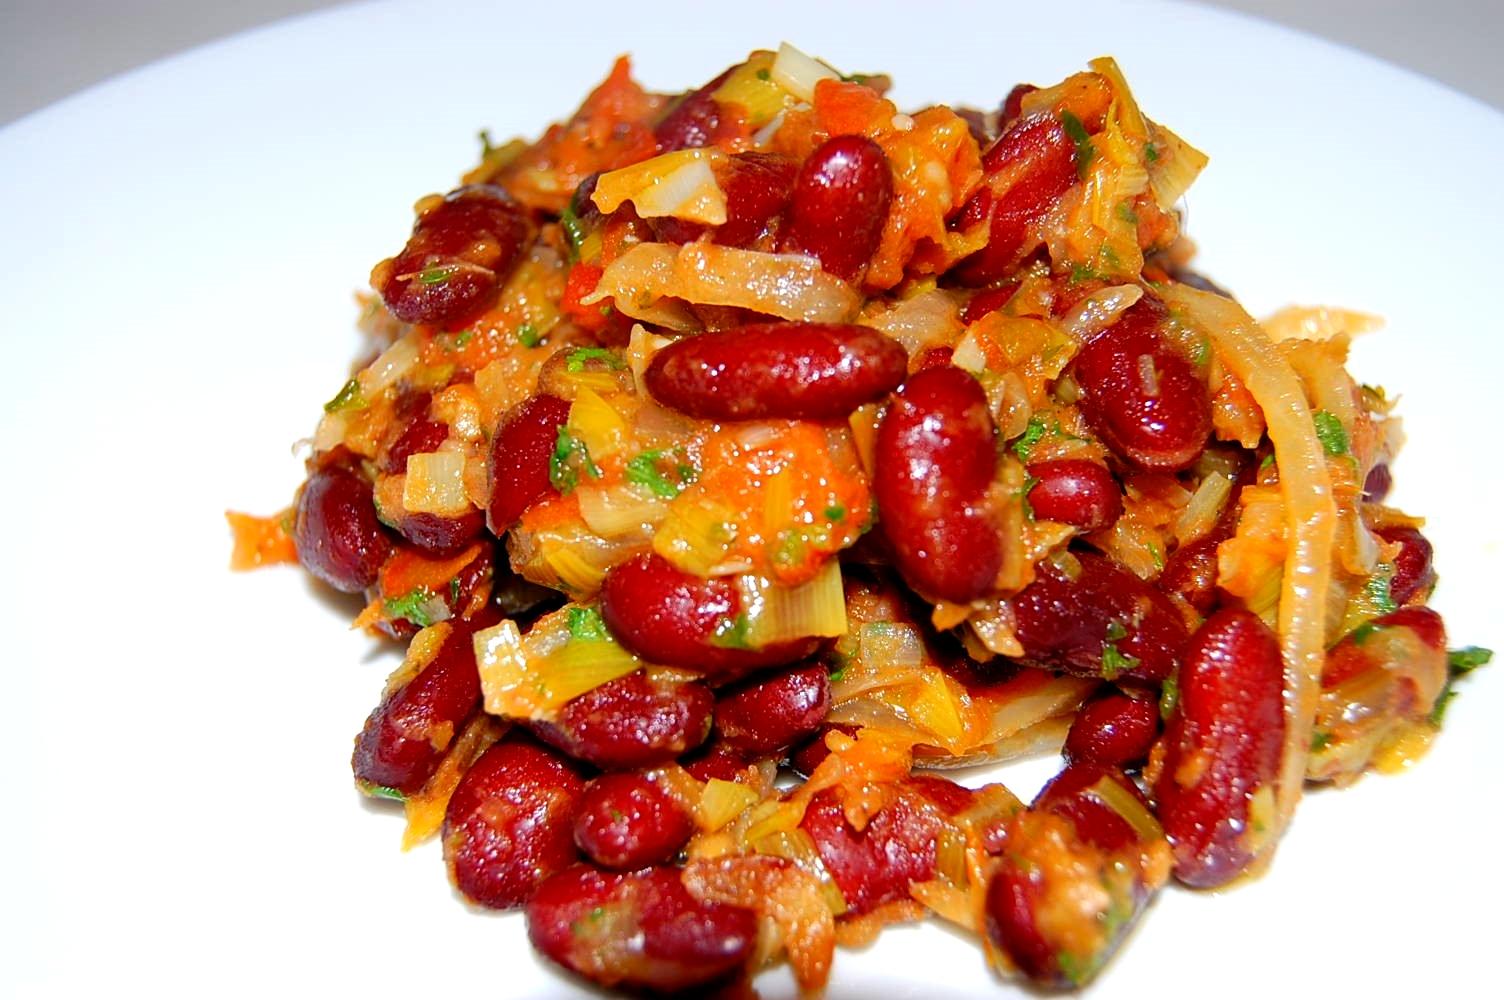 Recette De Haricots Sautes Tchop Afrik A Cuisine